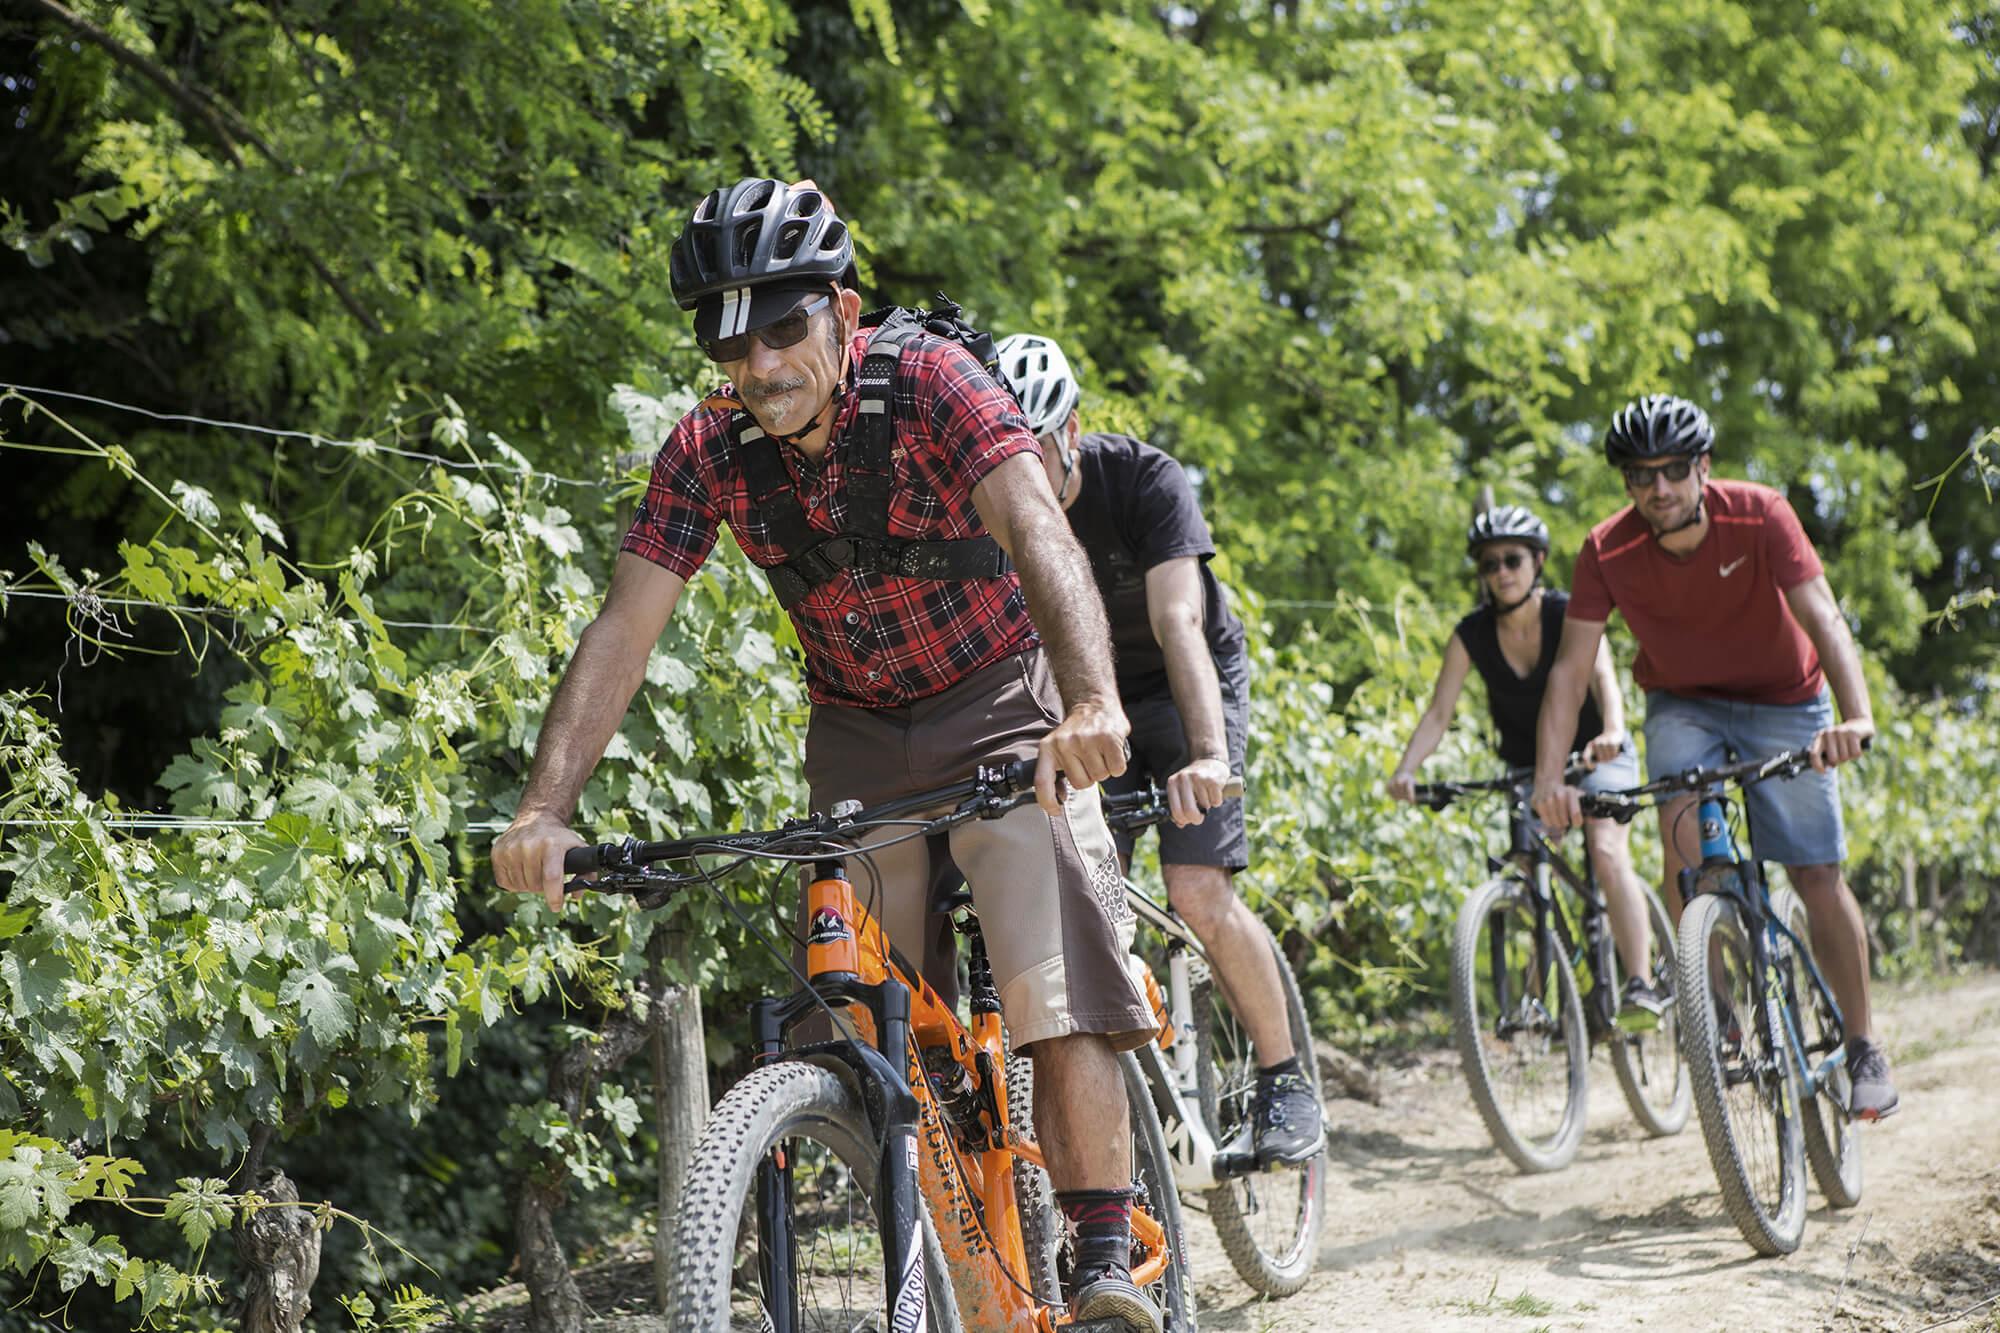 menscorpore-experience-vineyard-biking-02